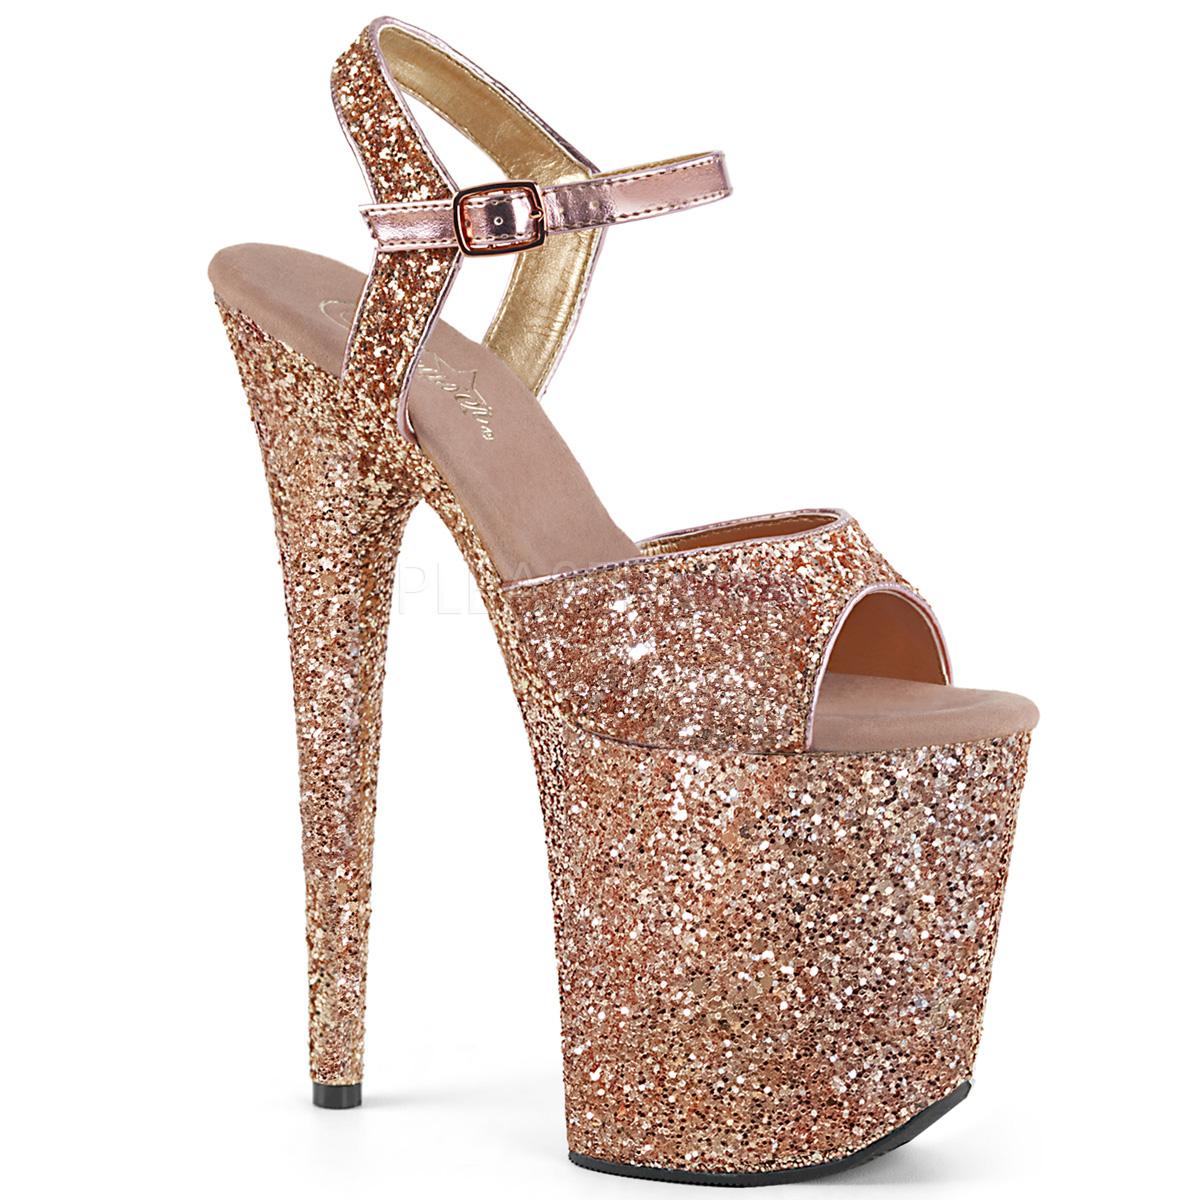 Стрип обувь FLAM810LG ROGLDG M купить в Москве и Новосибирске с доставкой  по России. Интернет-магазин стрип обуви и одежды «Карамель» f403bd6436b